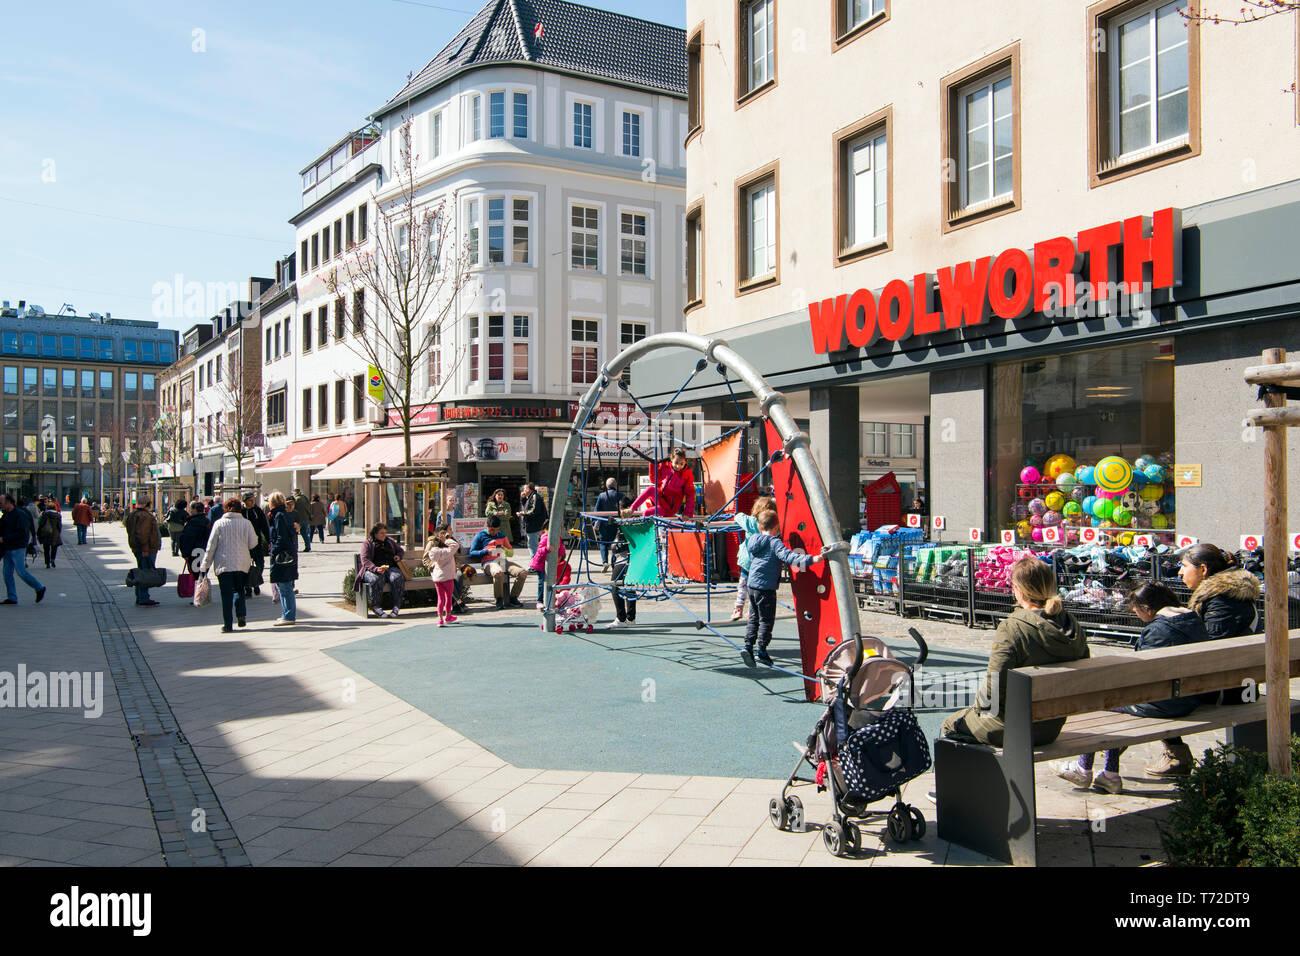 Deutschland, NRW, Düren, Fussgängerzone Kölnstrasse - Stock Image